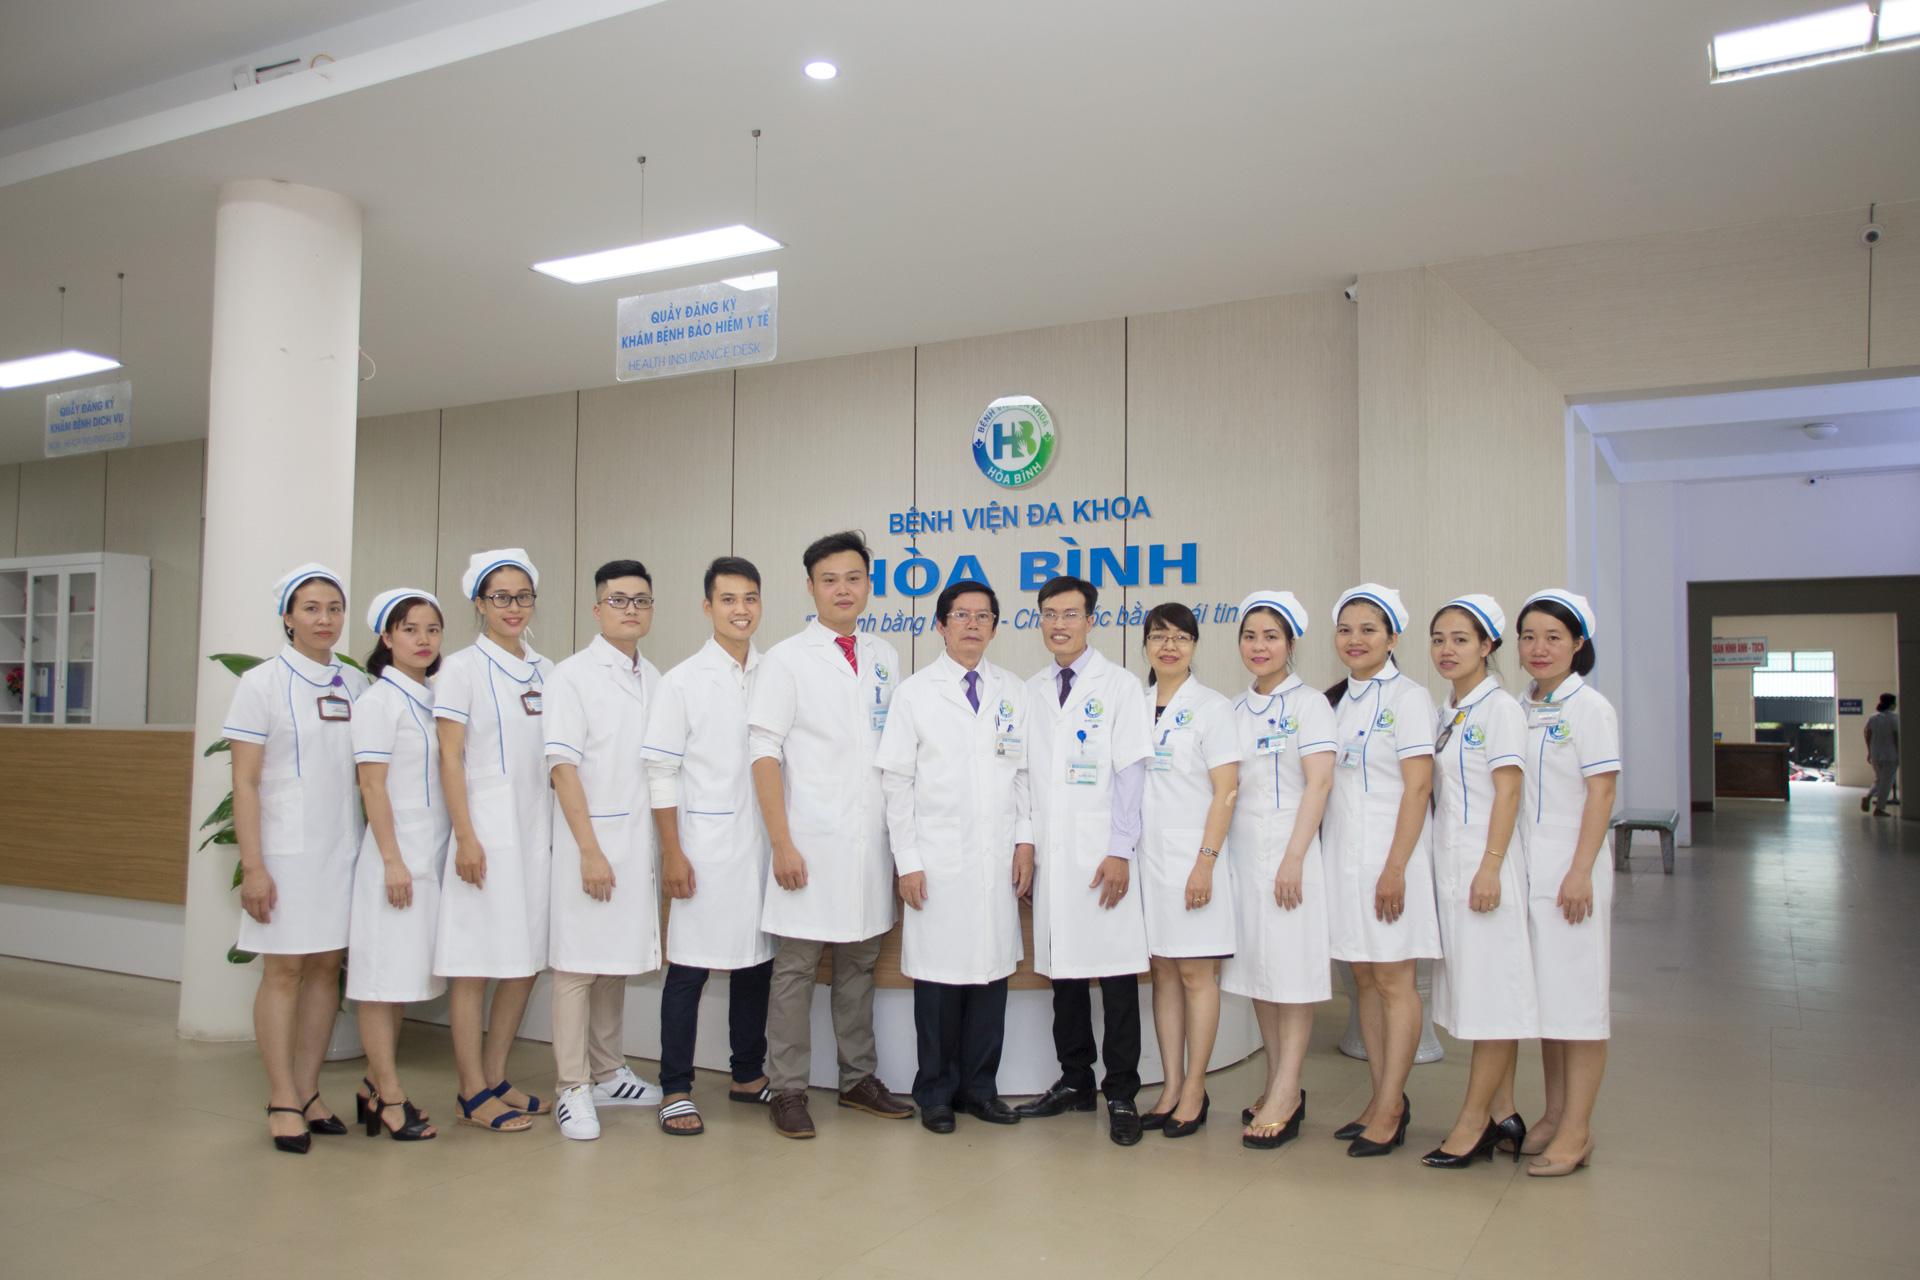 Ảnh nhân viên tại bệnh viện đa khoa Hòa Bình